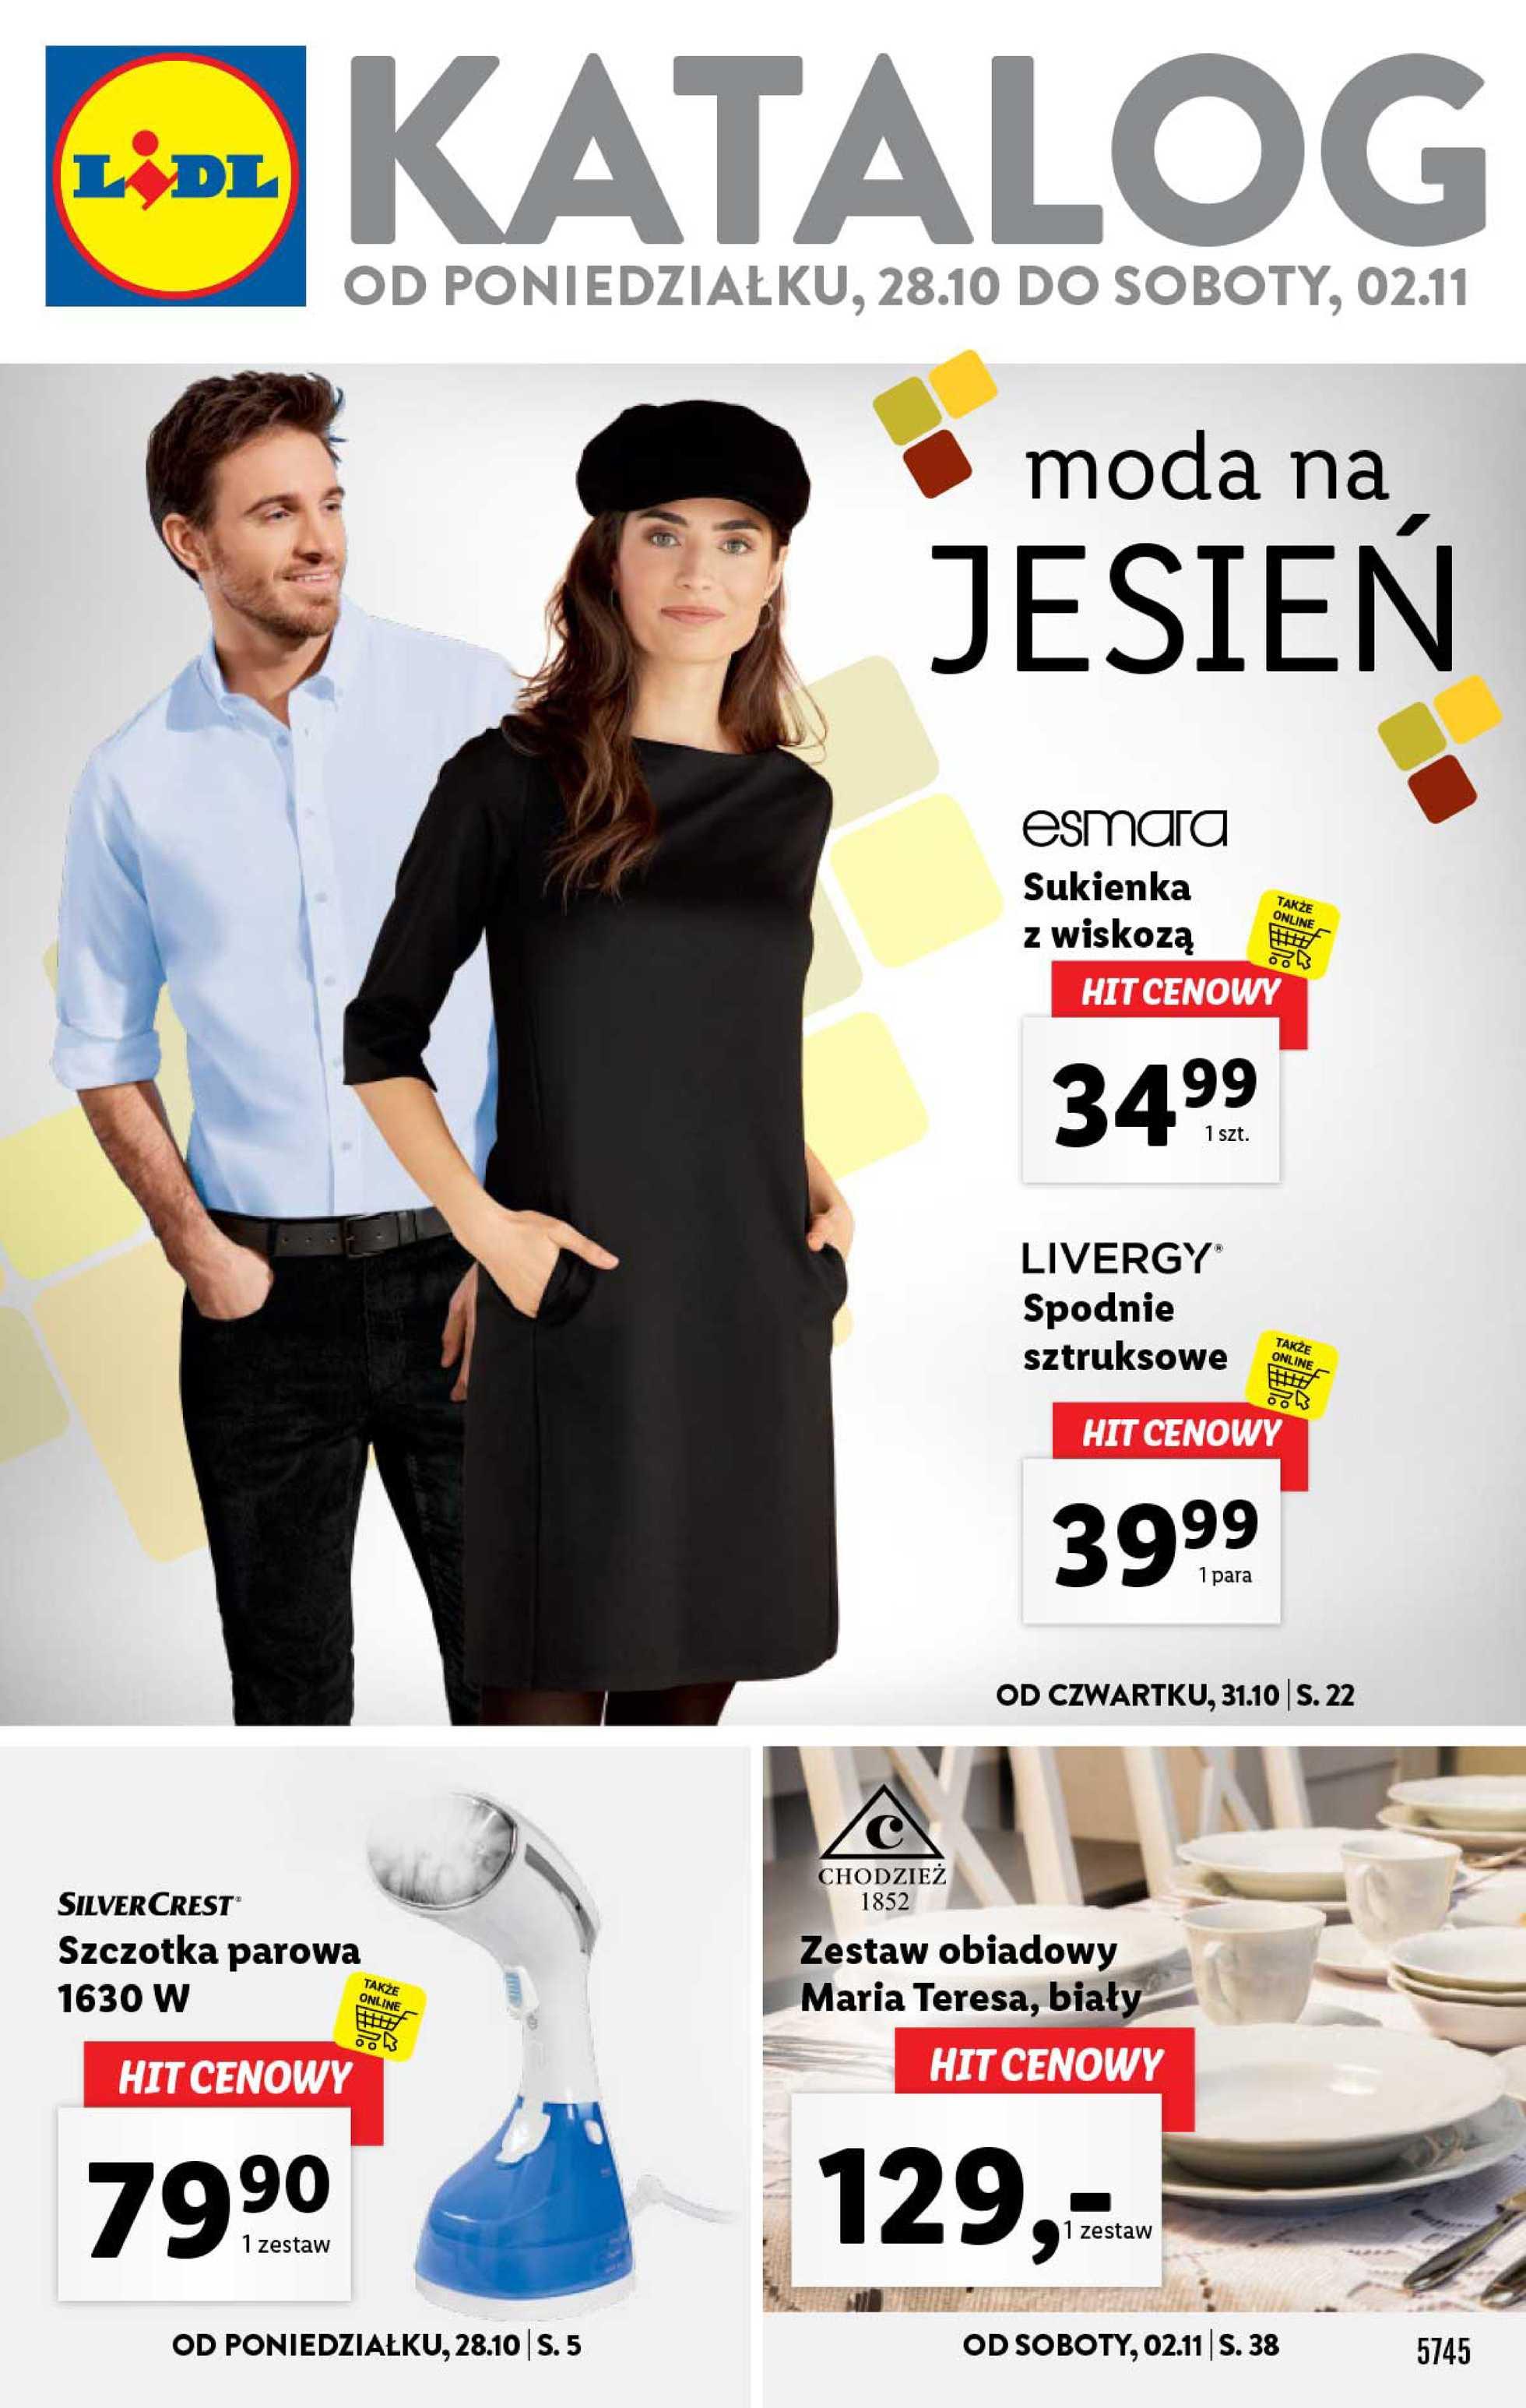 Lidl - gazetka promocyjna ważna od 28.10.2019 do 02.11.2019 - strona 1.